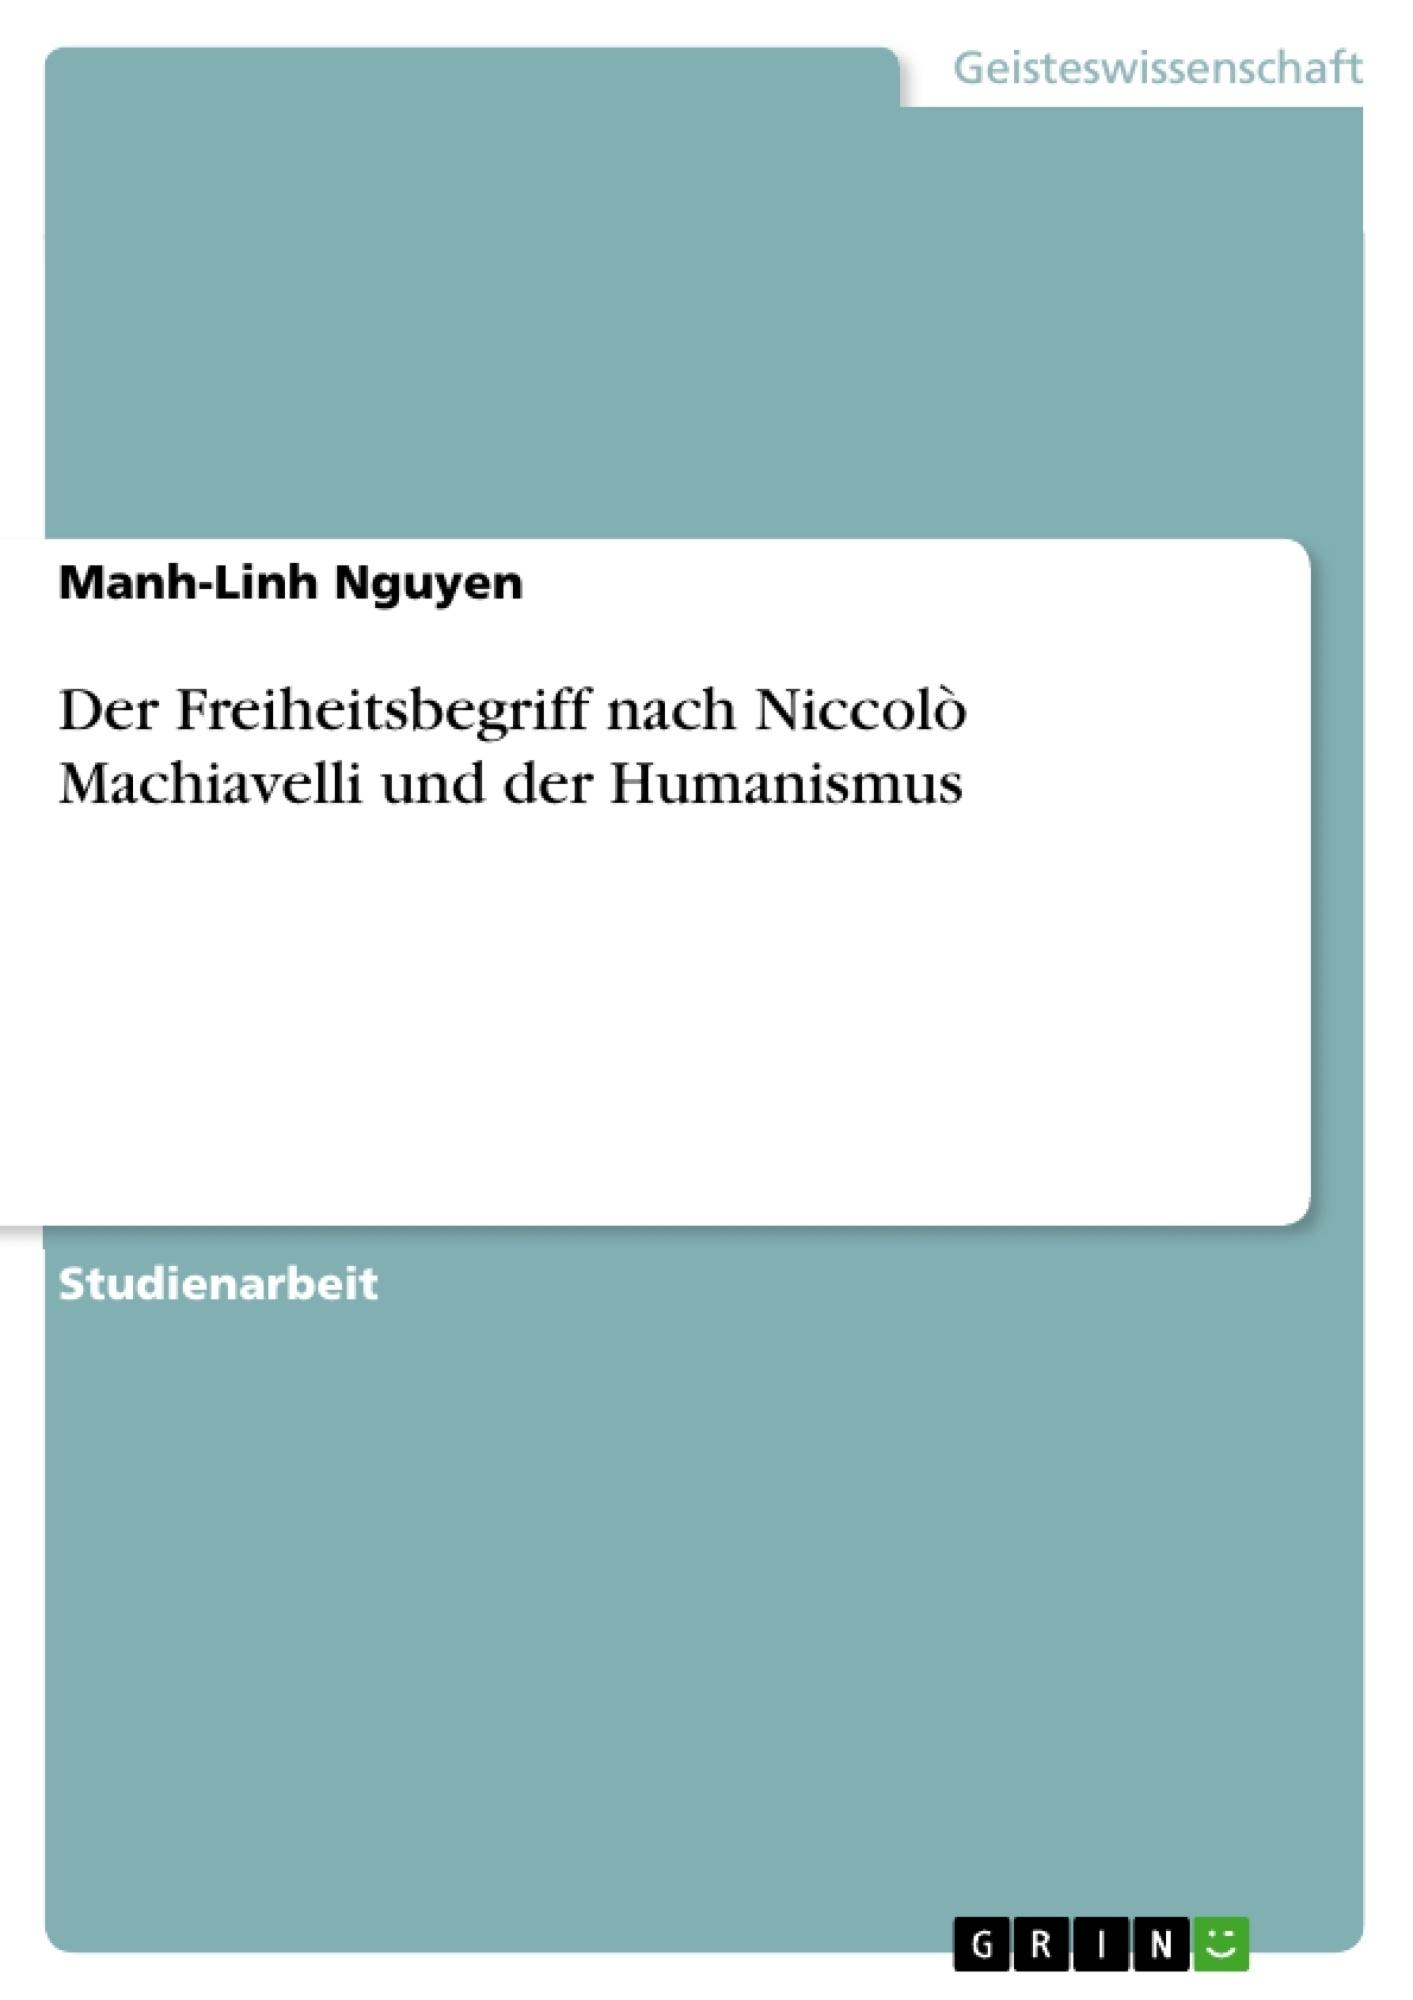 Titel: Der Freiheitsbegriff nach Niccolò Machiavelli und der Humanismus